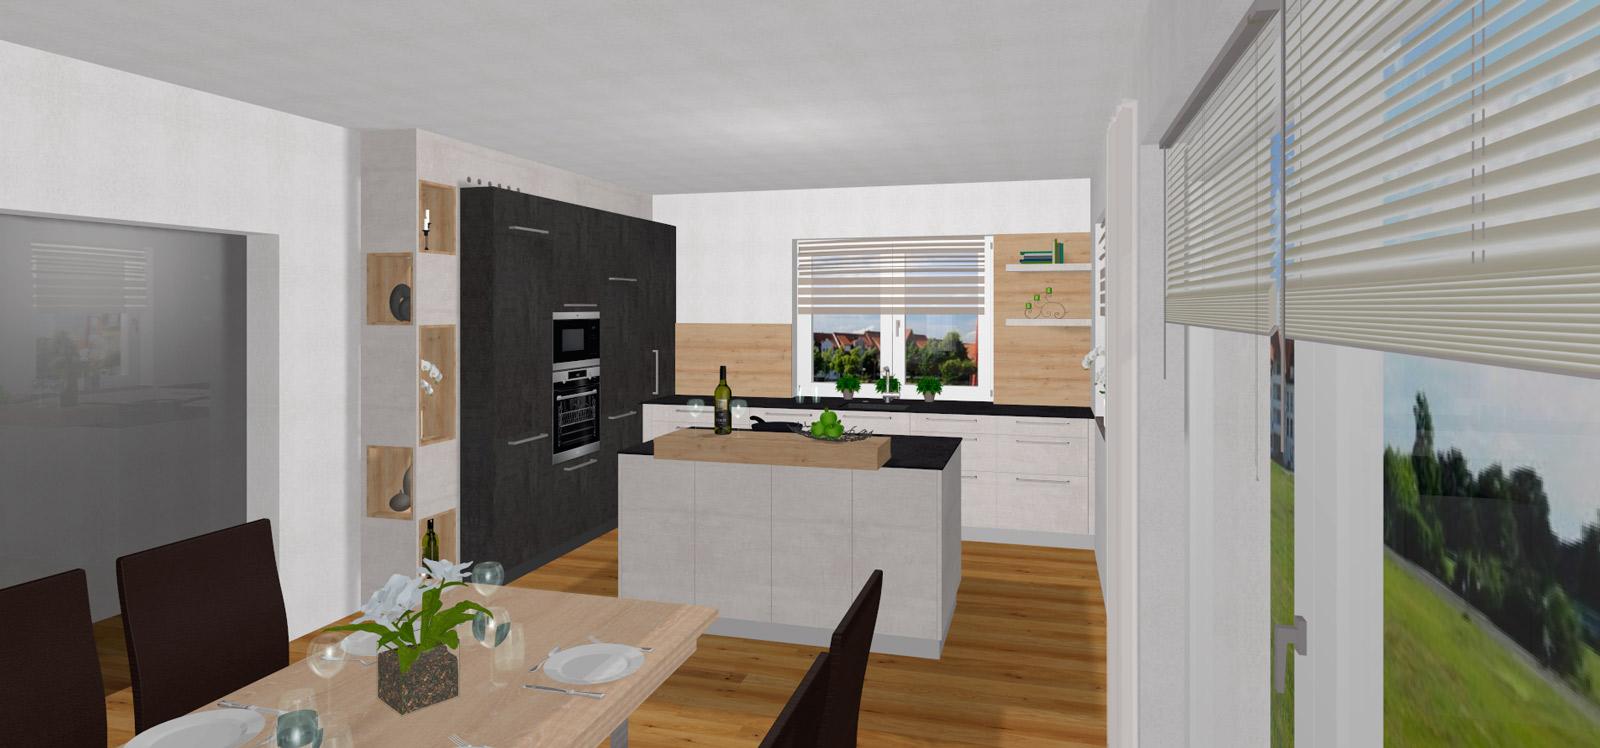 Full Size of Freistehende Küchen L Kche Mit Freistehender Insel In Ried Der Riedmark Küche Regal Wohnzimmer Freistehende Küchen